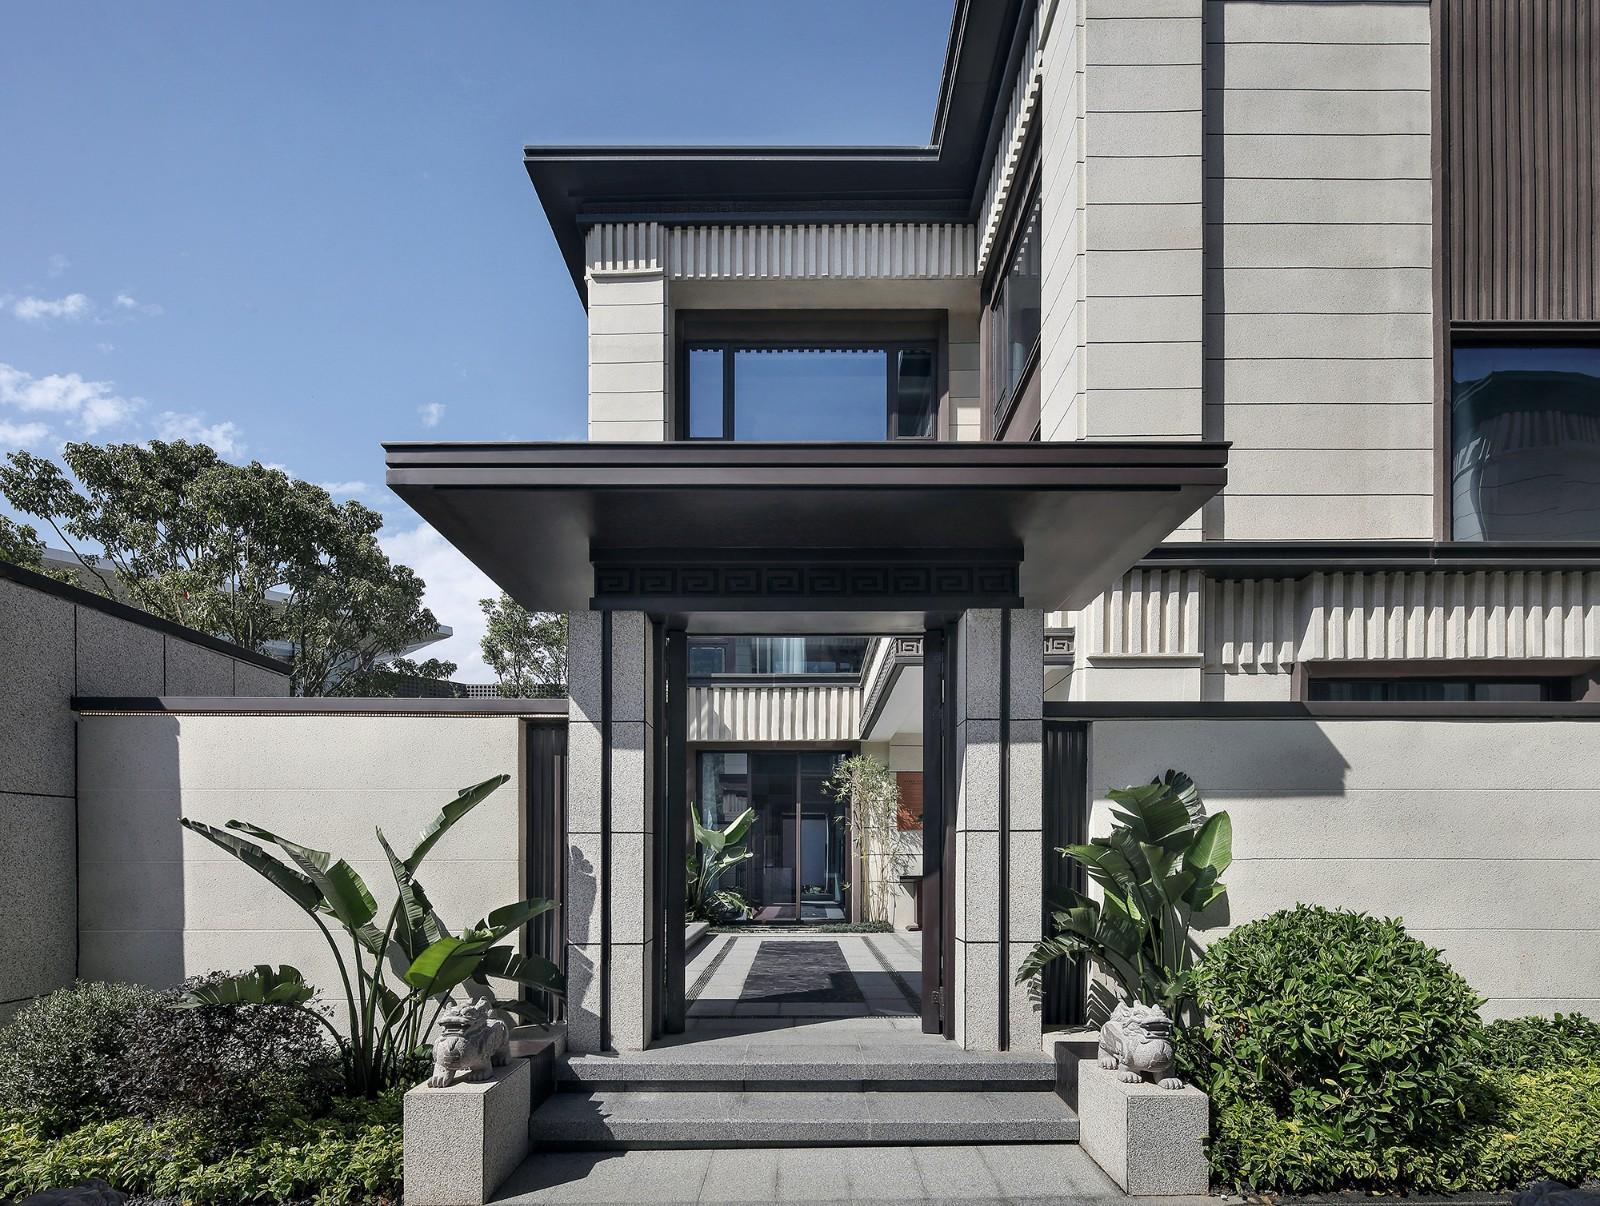 新中式别墅入户大门装修效果图